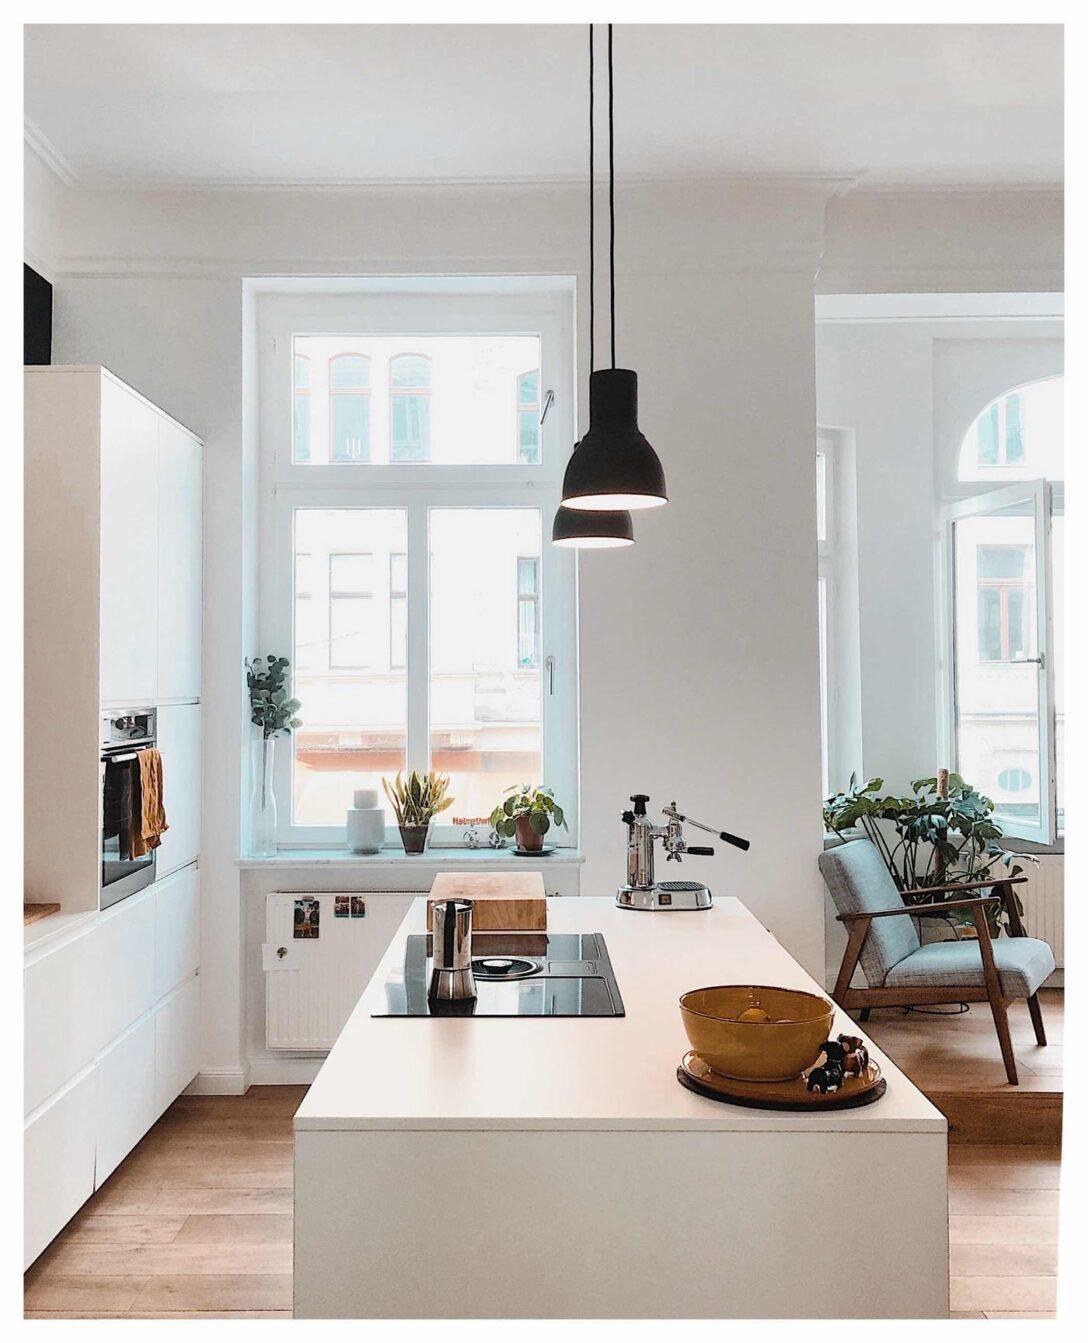 Large Size of Ikea Küchenzeile Kchen Tolle Tipps Und Ideen Fr Kchenplanung Modulküche Küche Kosten Betten 160x200 Kaufen Bei Miniküche Sofa Mit Schlaffunktion Wohnzimmer Ikea Küchenzeile